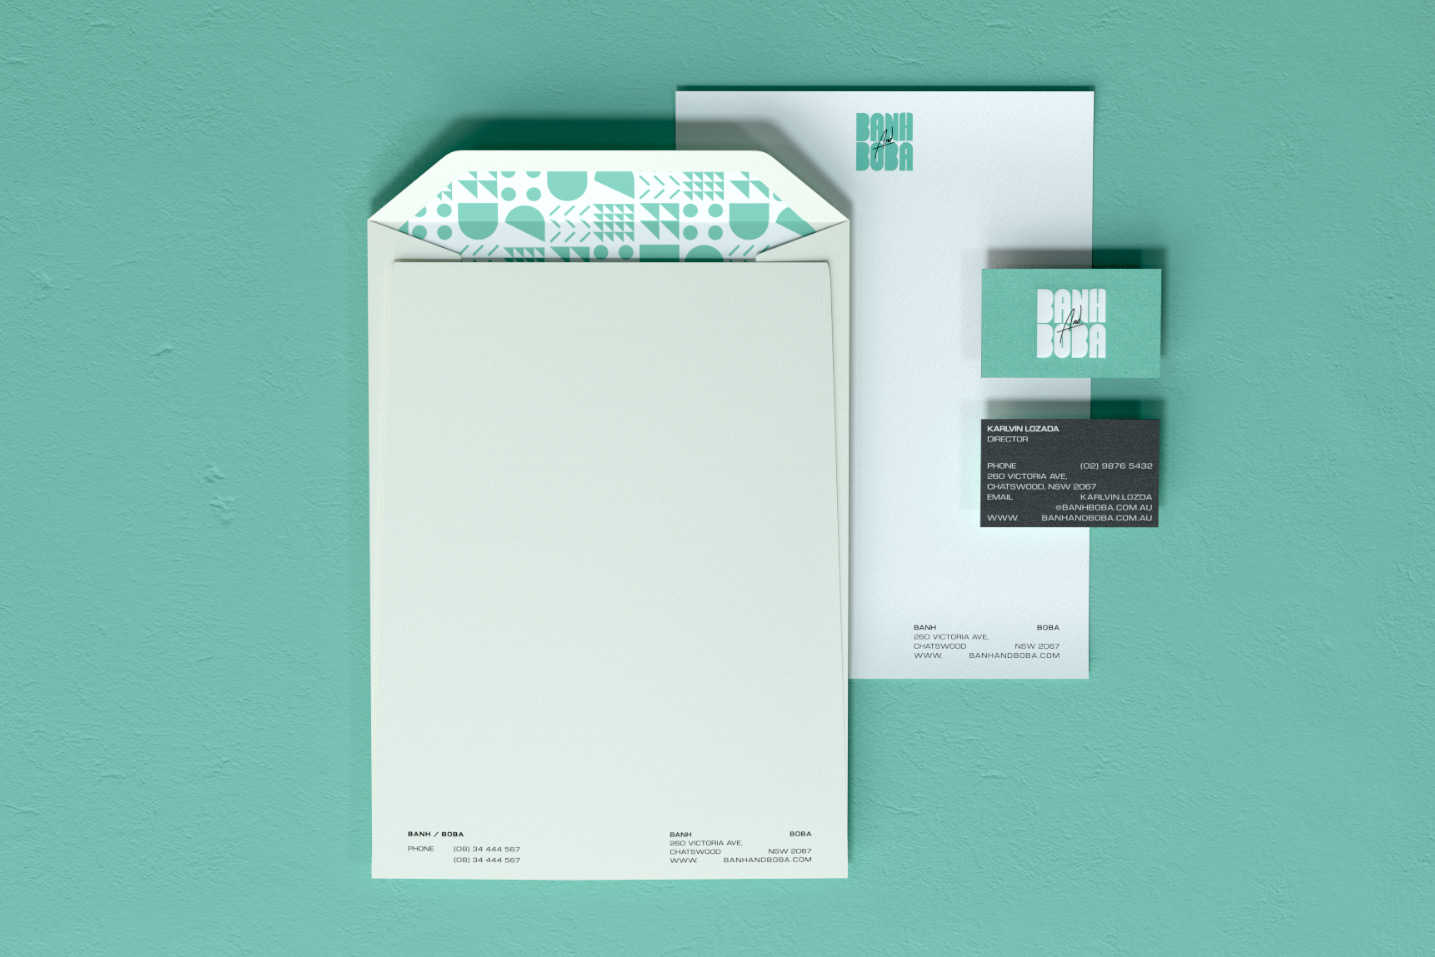 Banh and Boba C4 envelope and namecard